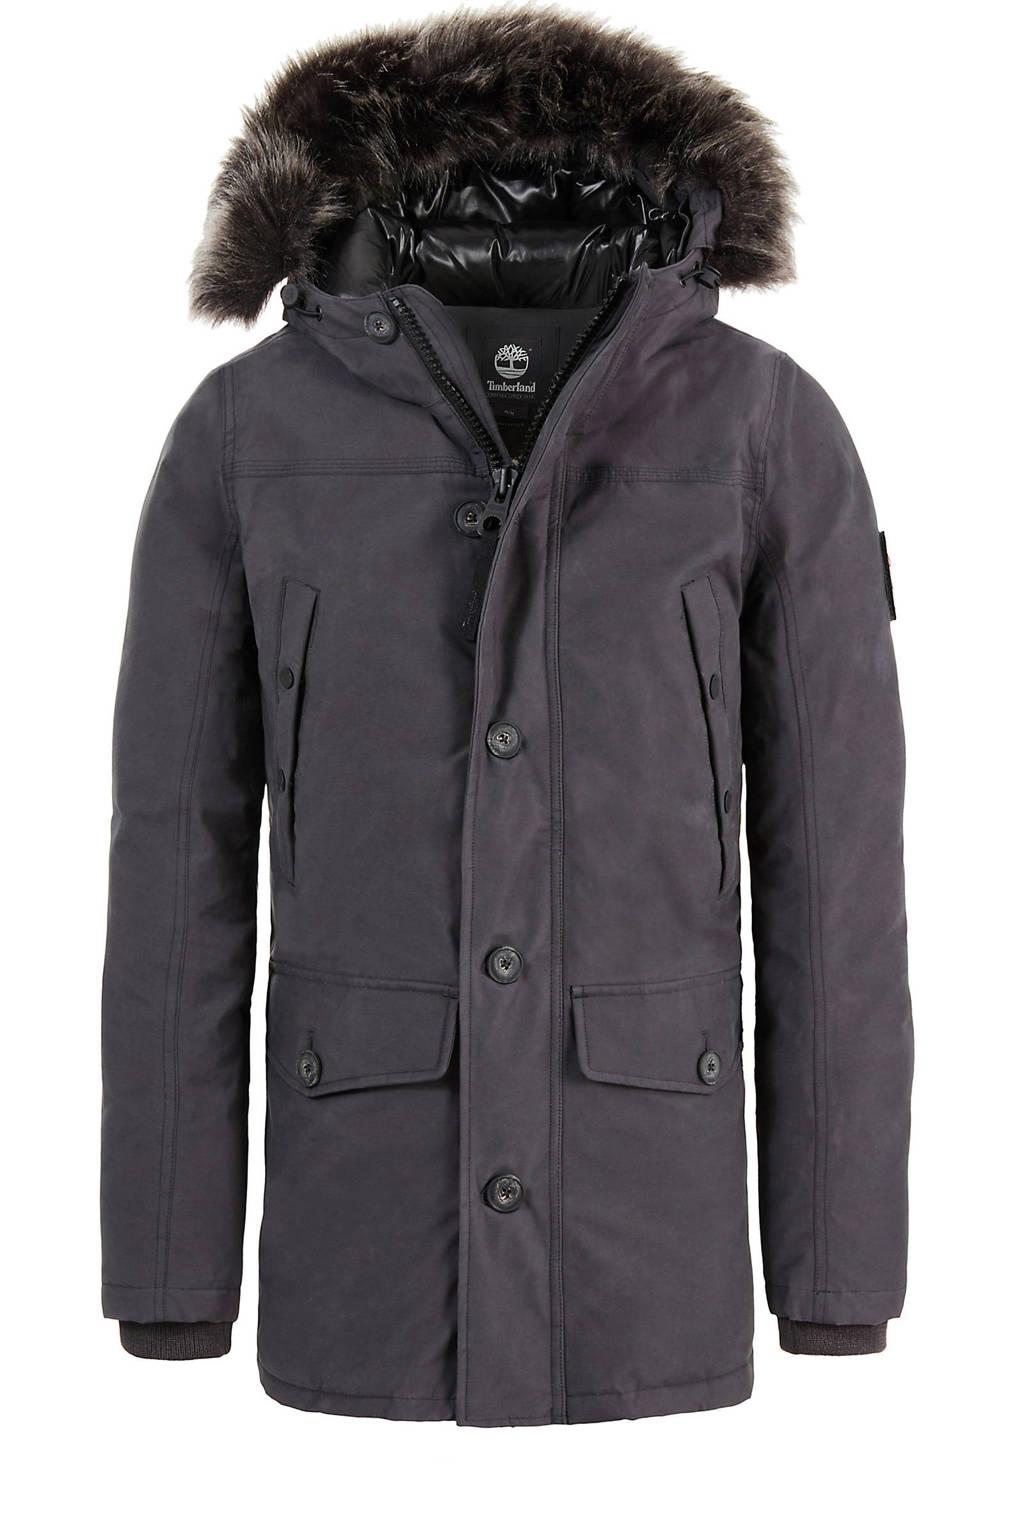 Timberland winterjas met dons grijs, Grijs